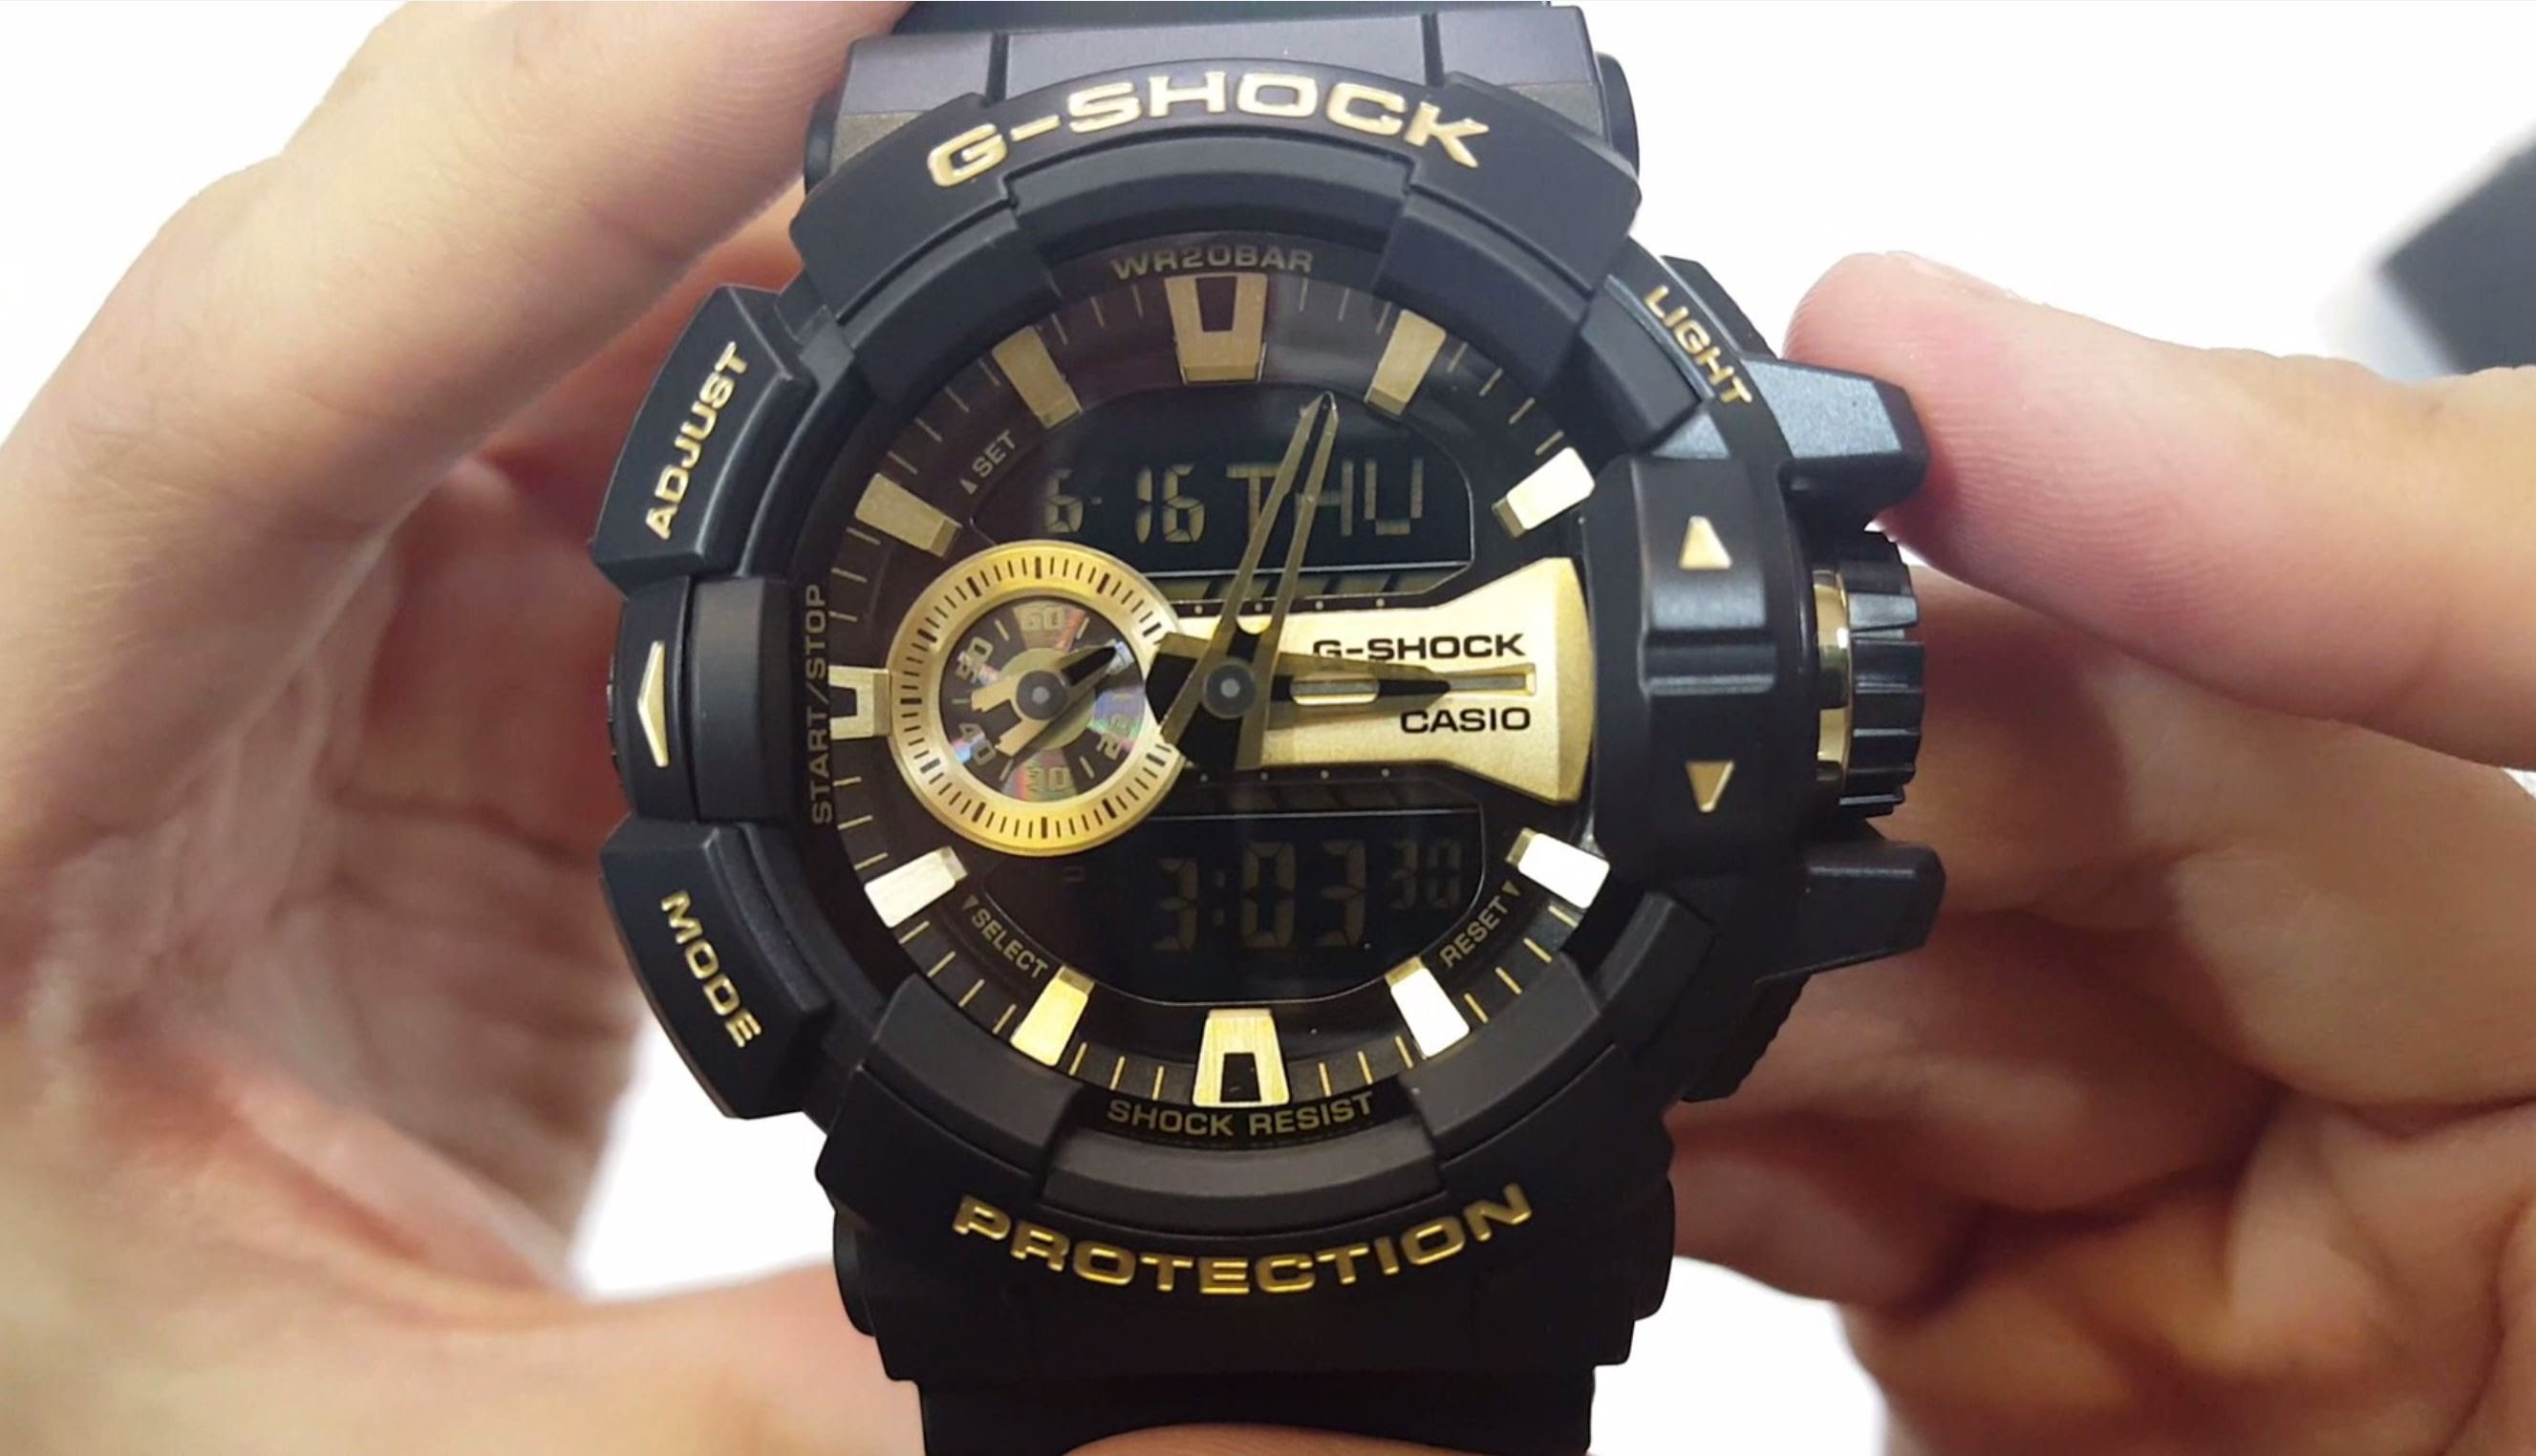 421ed402 Как выбрать мужские наручные часы - Моя газета | Моя газета